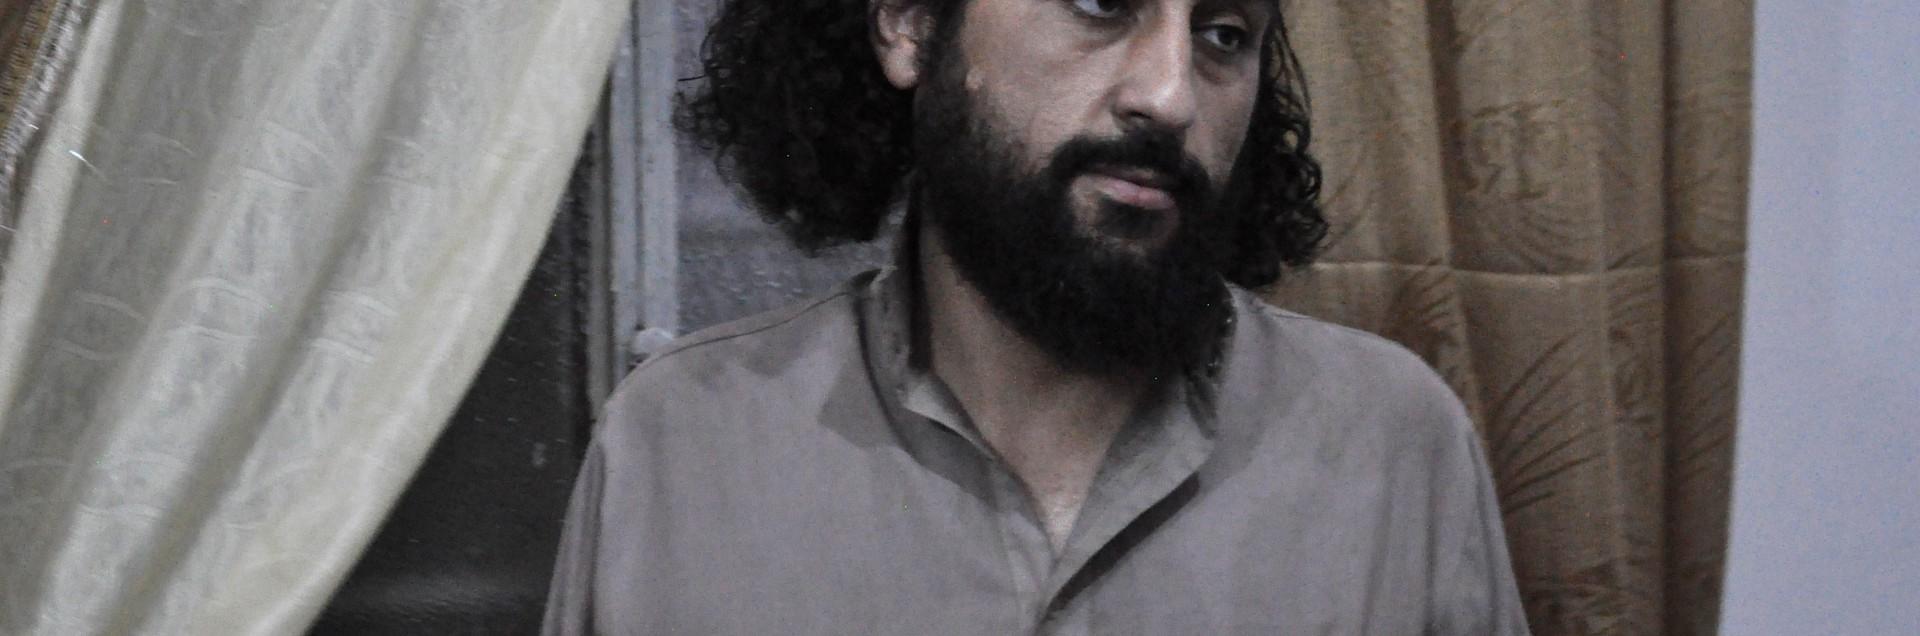 Il jihadista che parla italiano